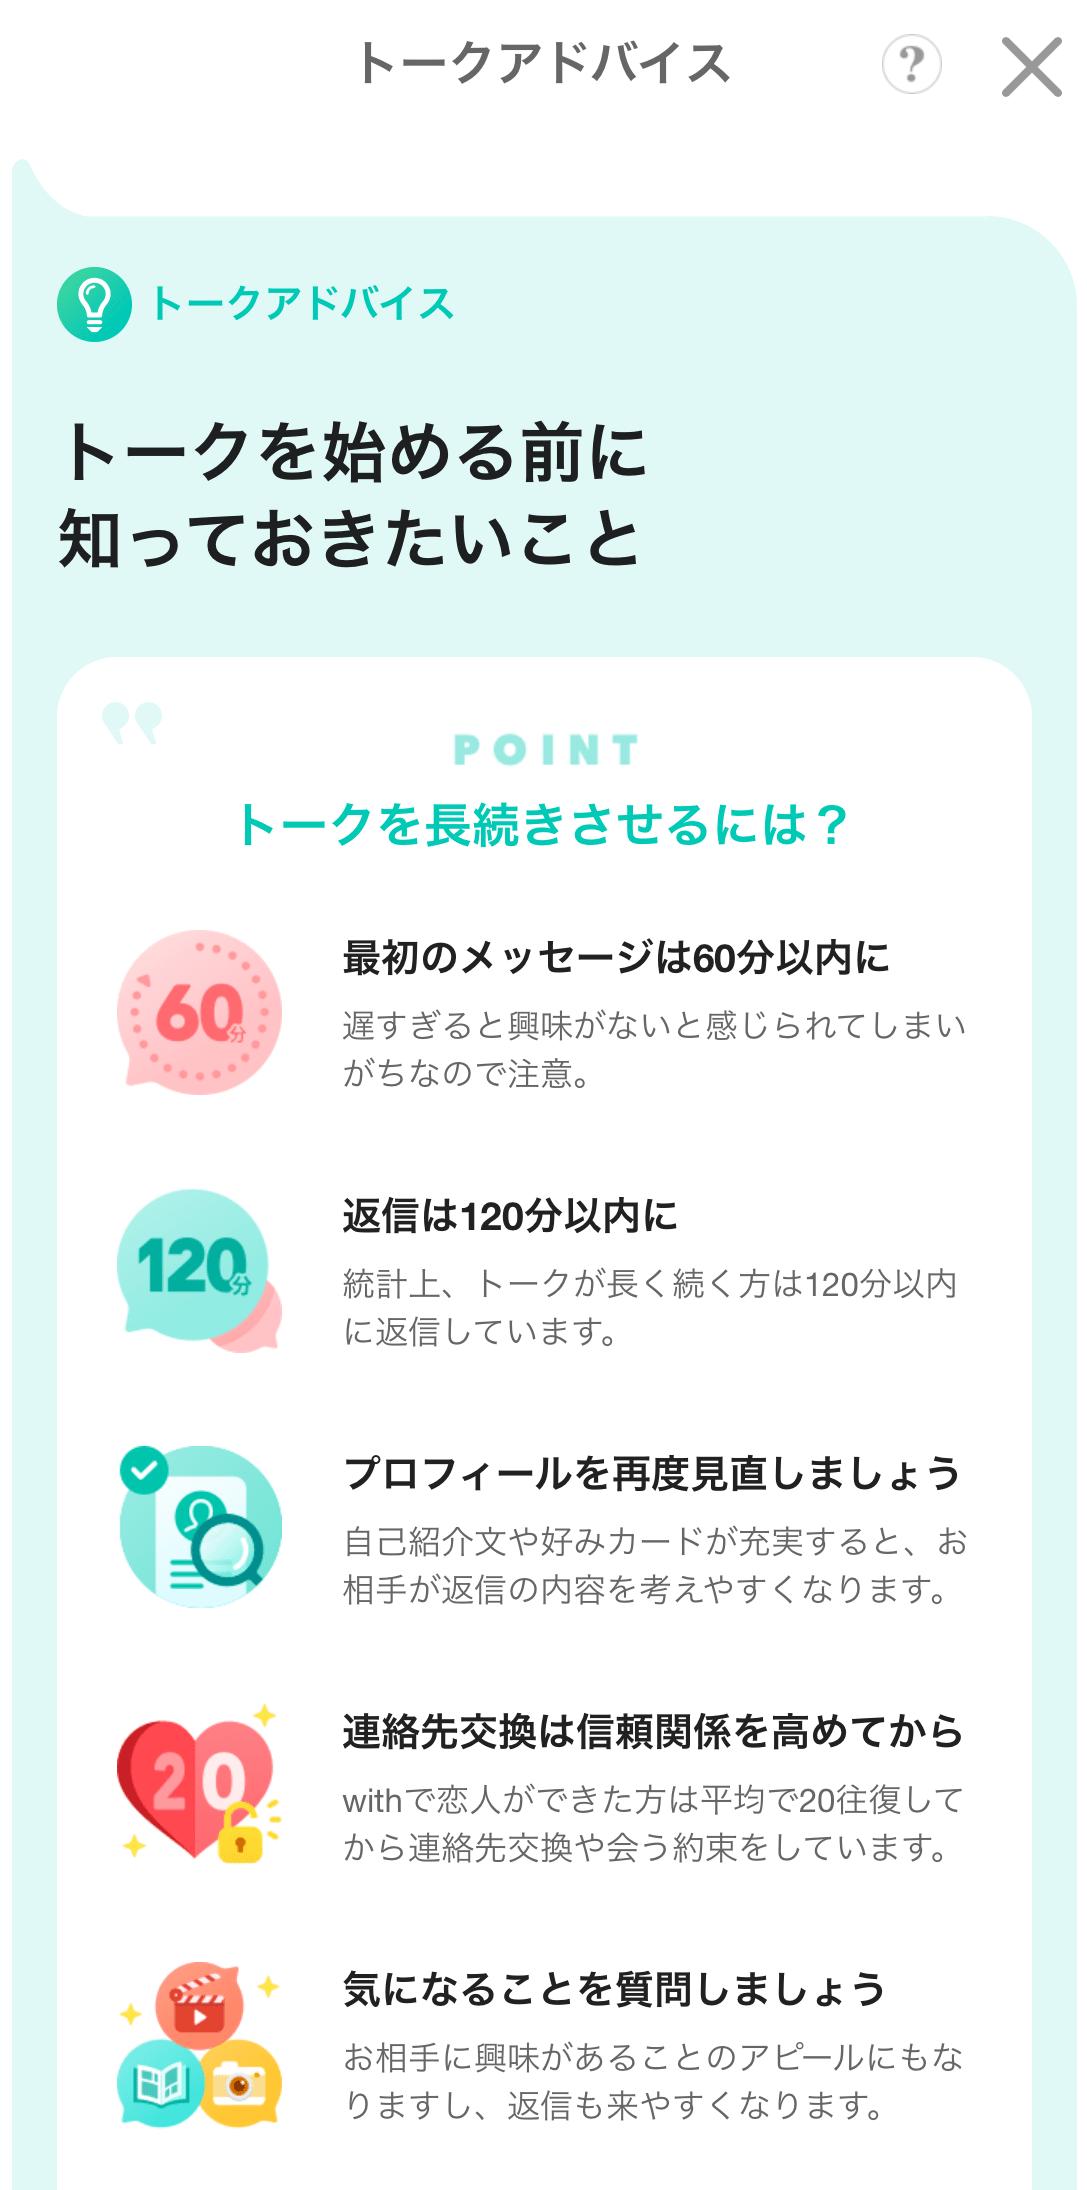 with メッセージアドバイス機能2